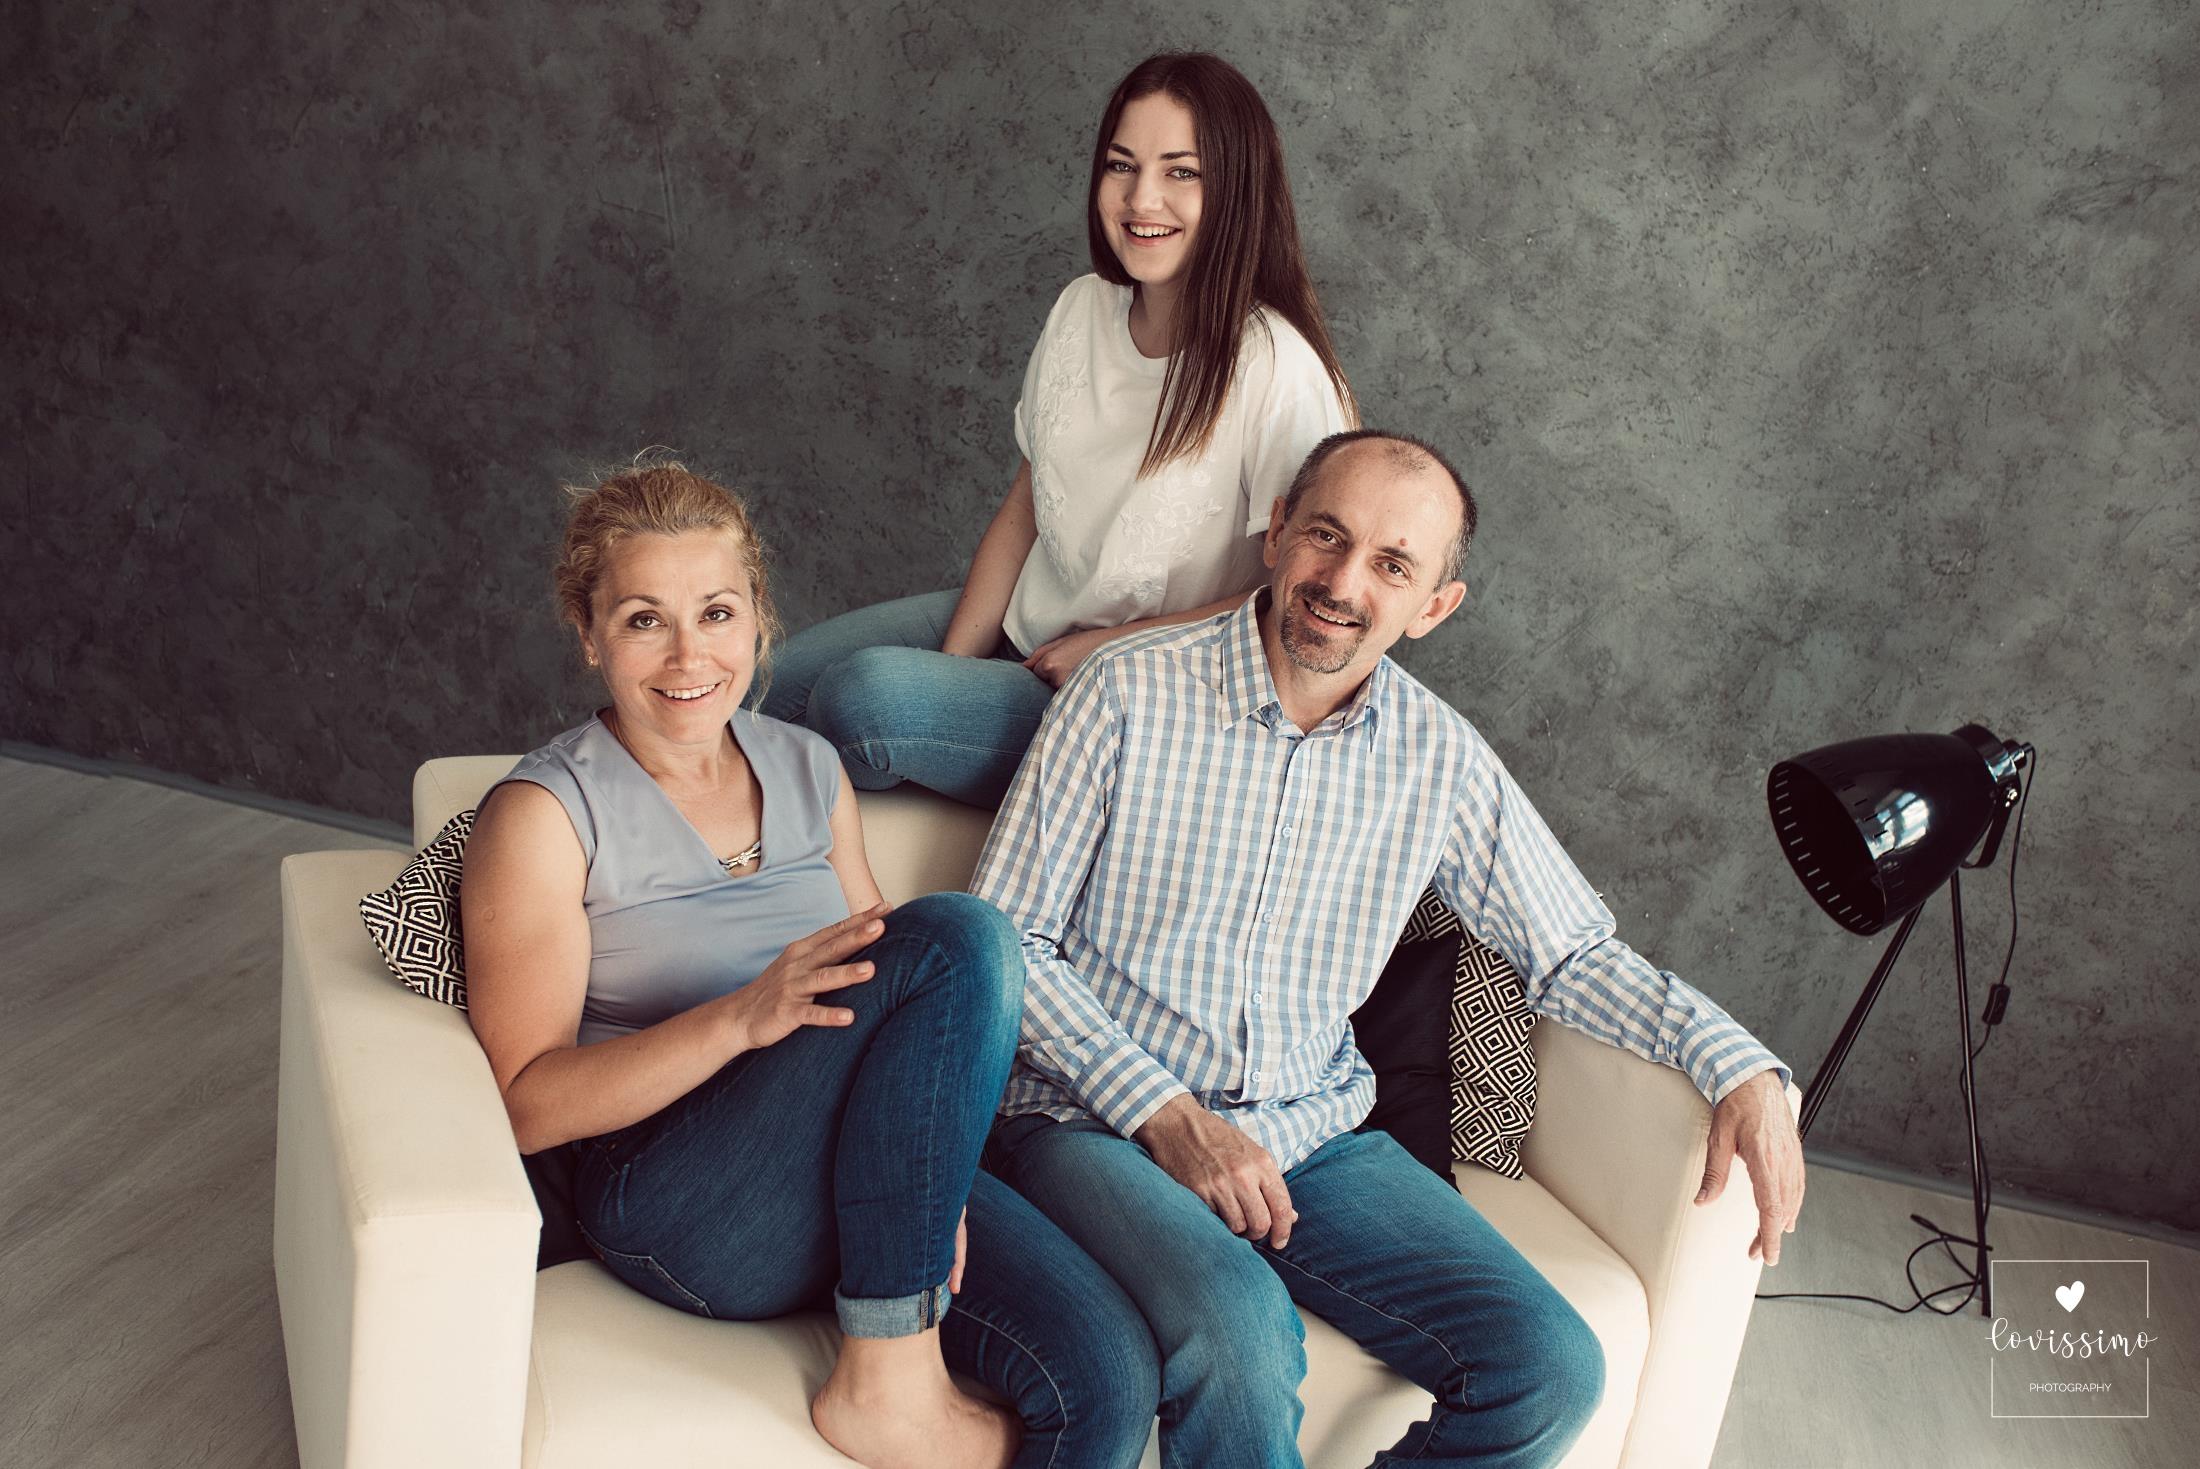 Sesja rodzinna w studio. Fotograf rodzinny Rzeszów, Dębica, Jarosław